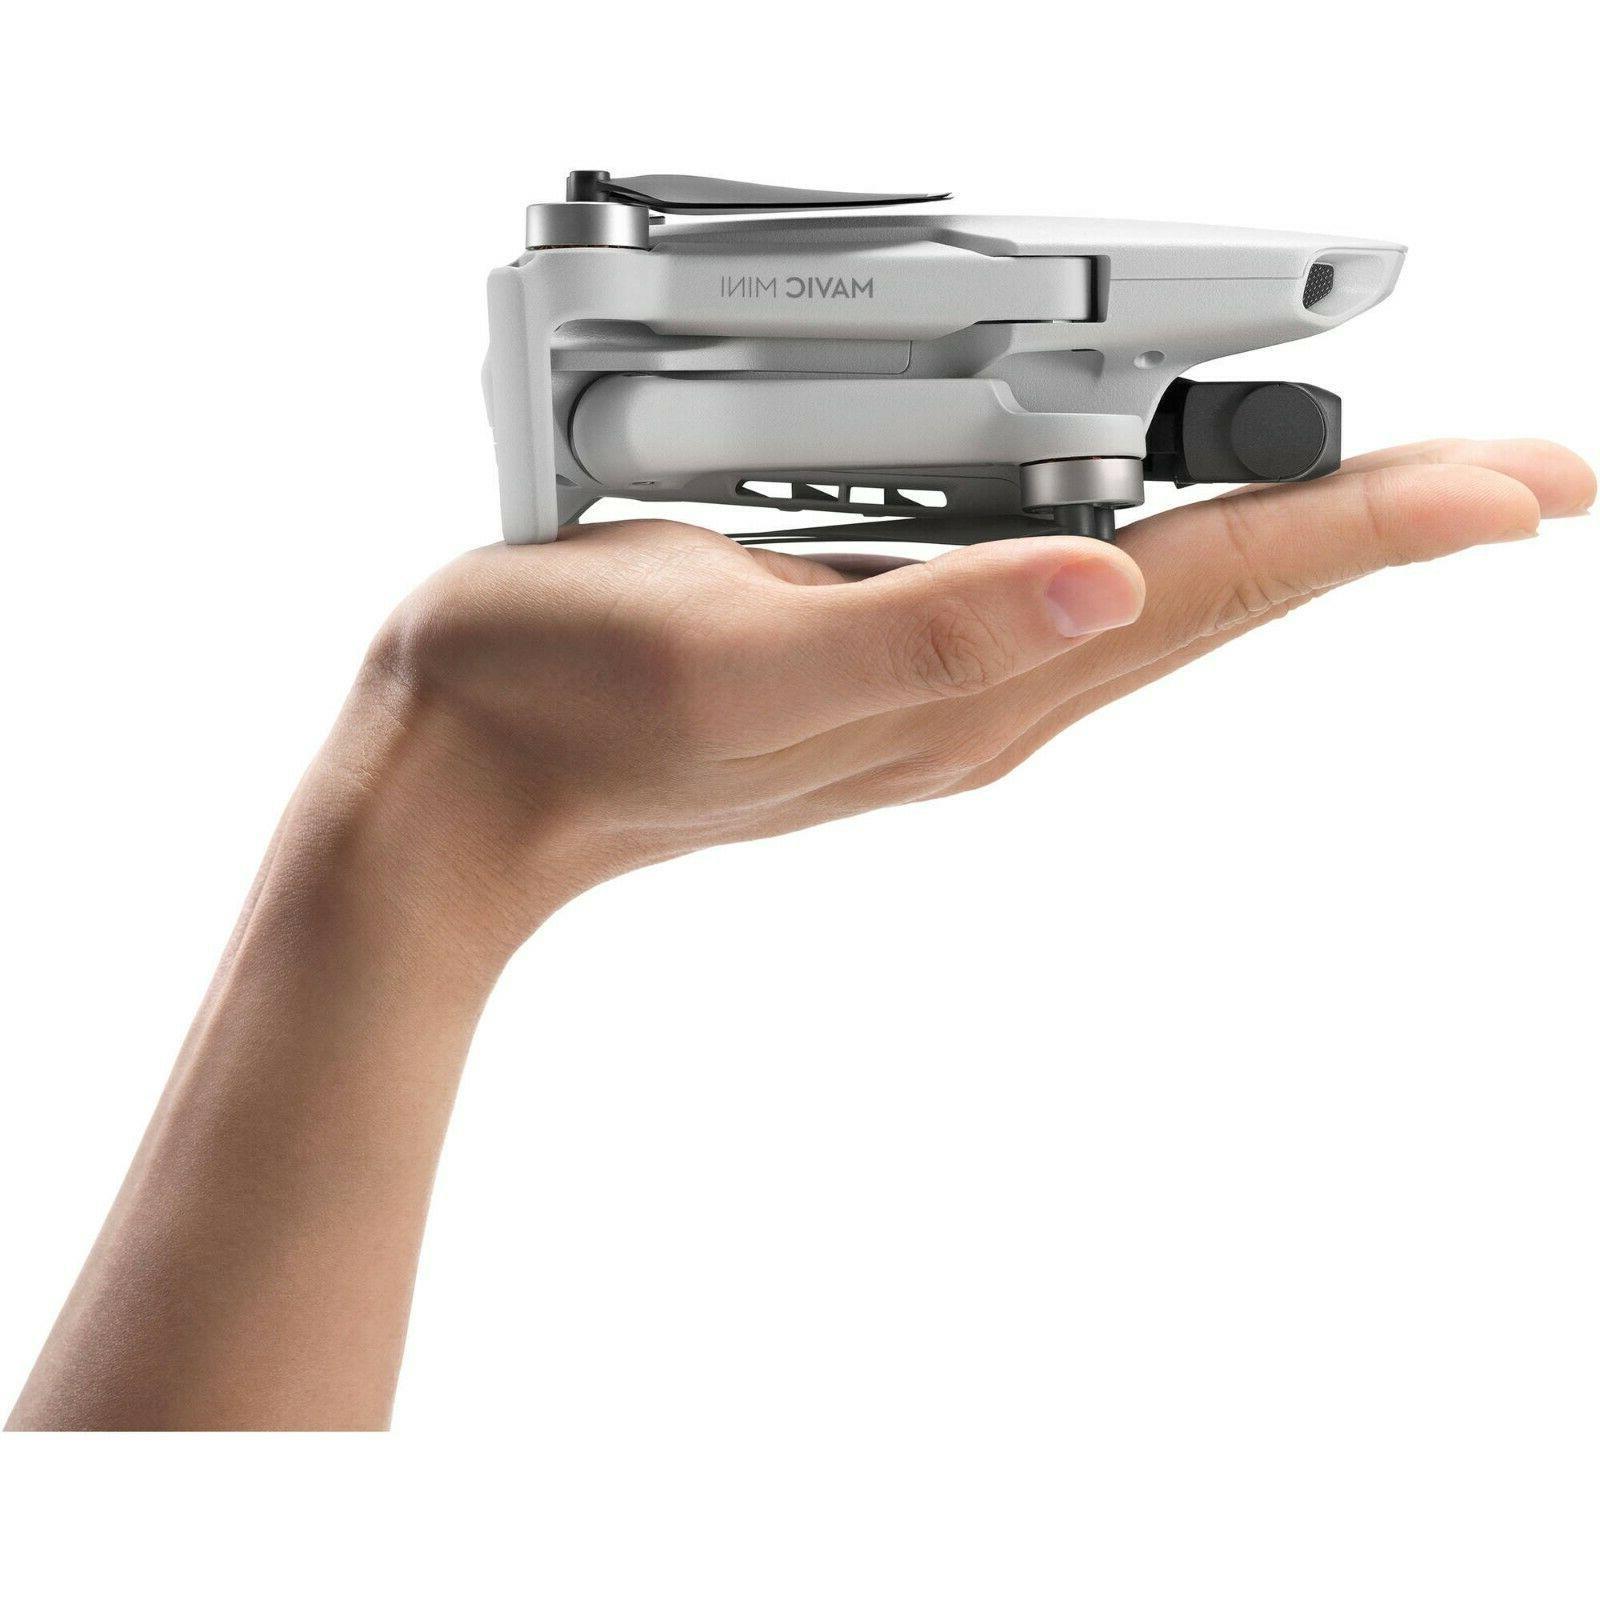 DJI Mavic Portable Drone Ultimate Pilot Kit -